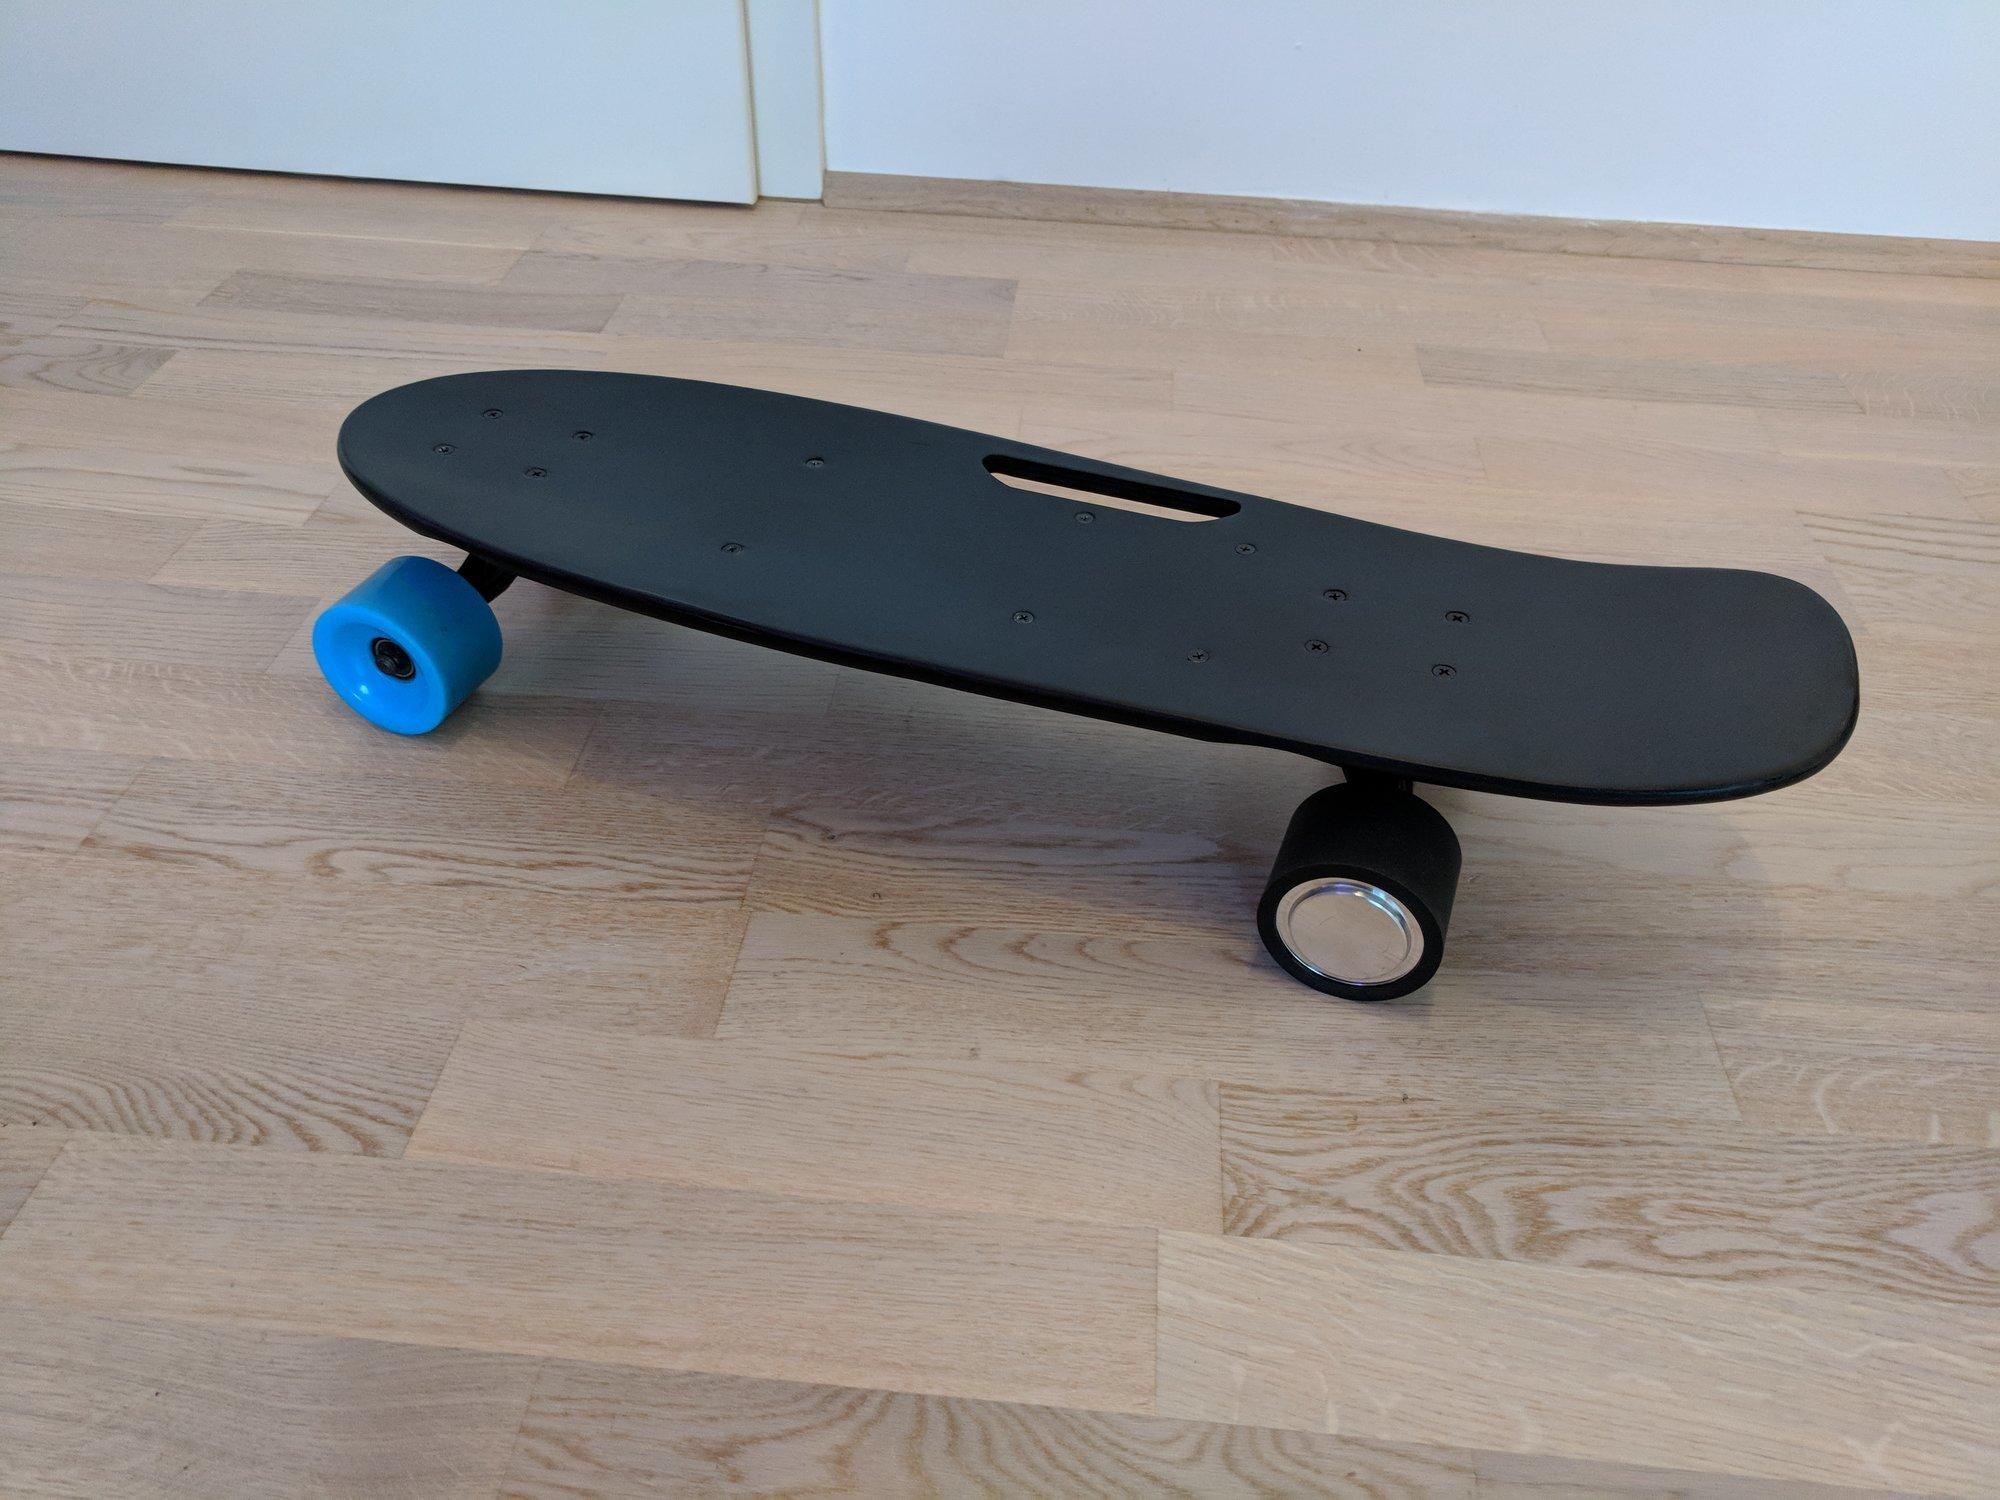 The electric Cool&Fun skateboard top side